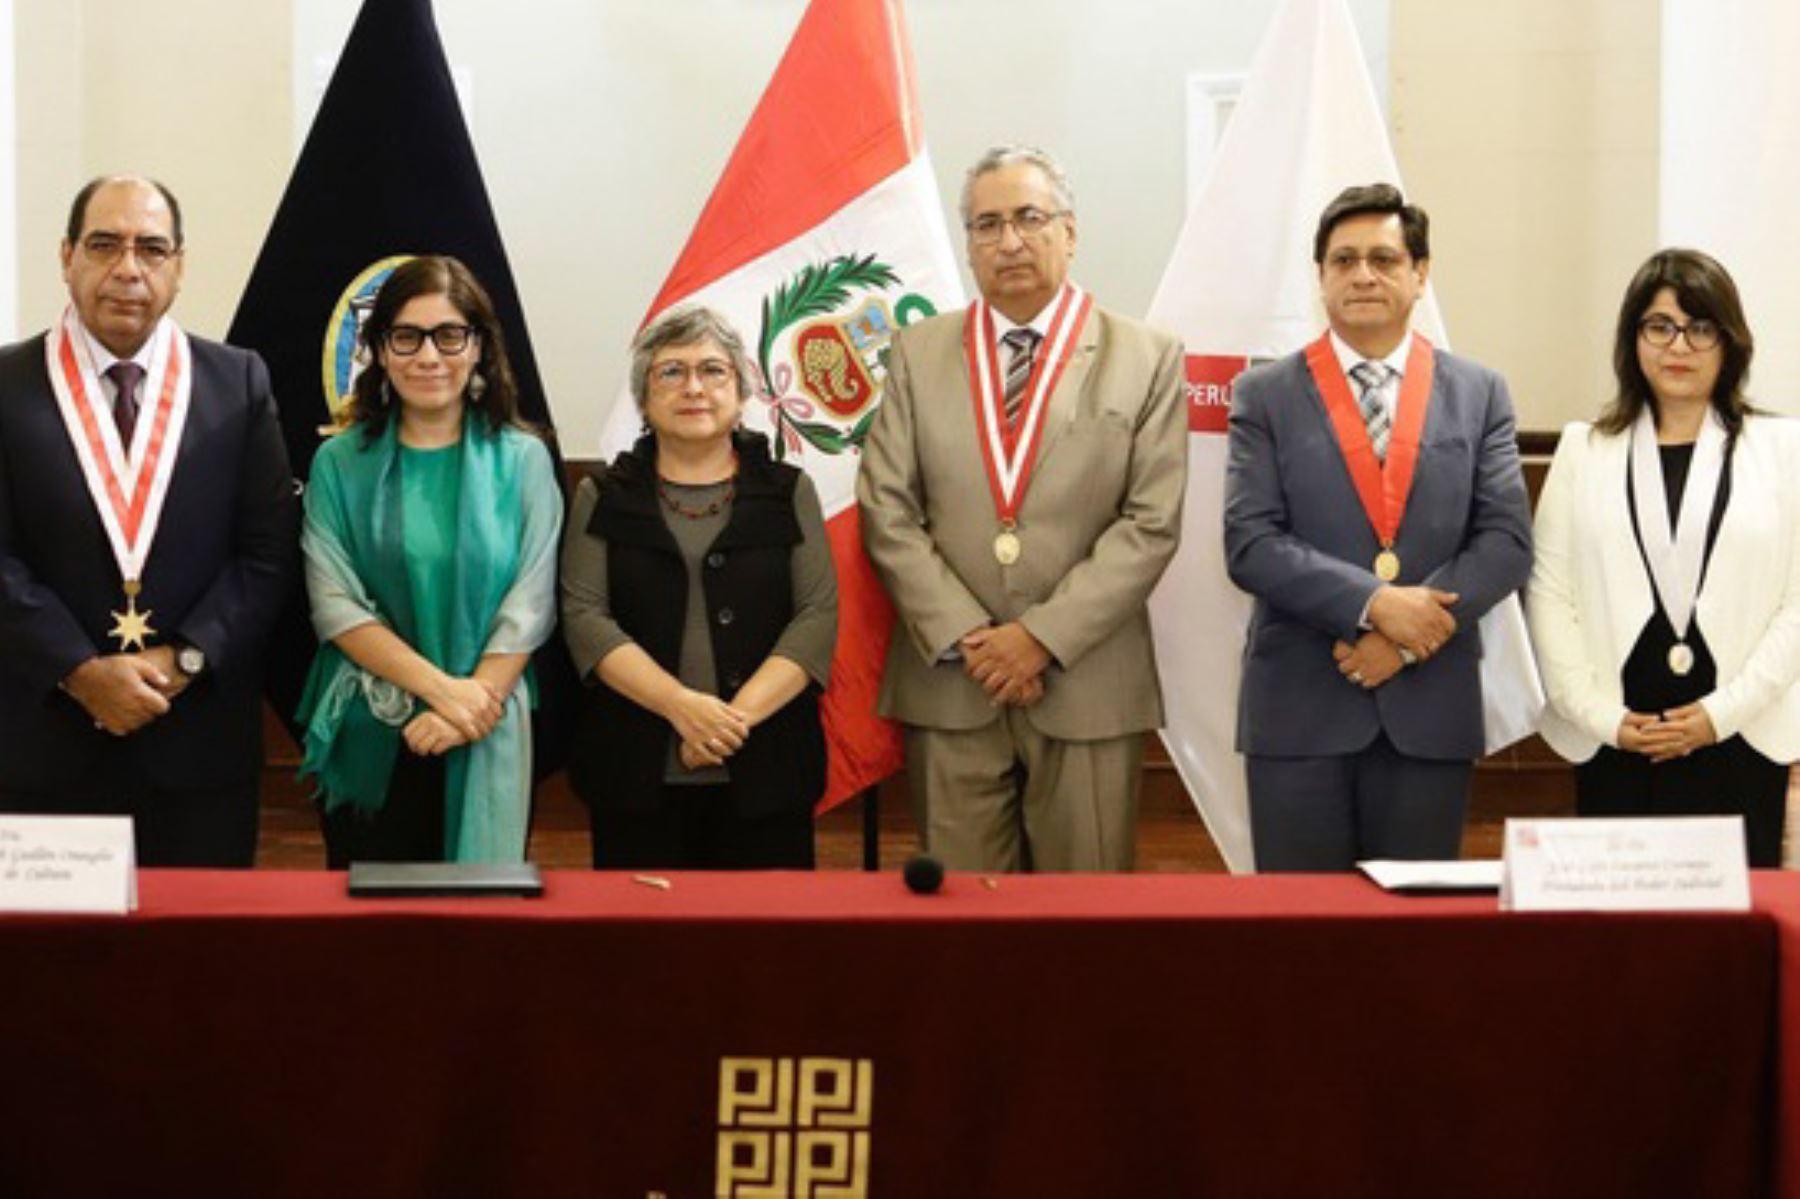 La ministra de Cultura, Sonia Guillén, y el presidente del PJ, José Luis Lecaros, suscribieron convenio marco de cooperación institucional.